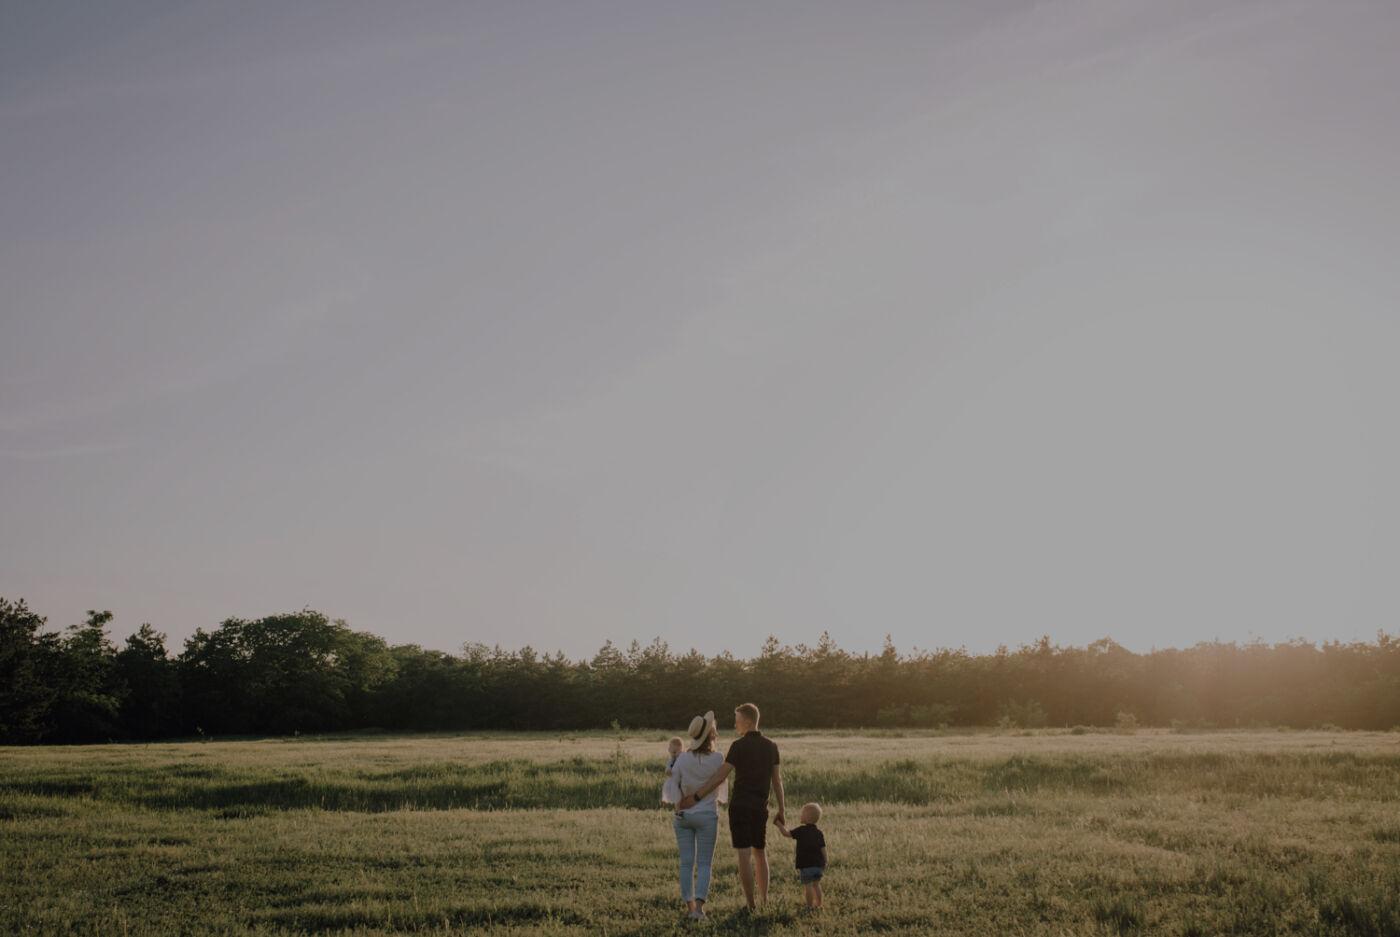 ENTDECKE WAS IN DIR STECKT – KÄMPFE FÜR DEINE FAMILIE